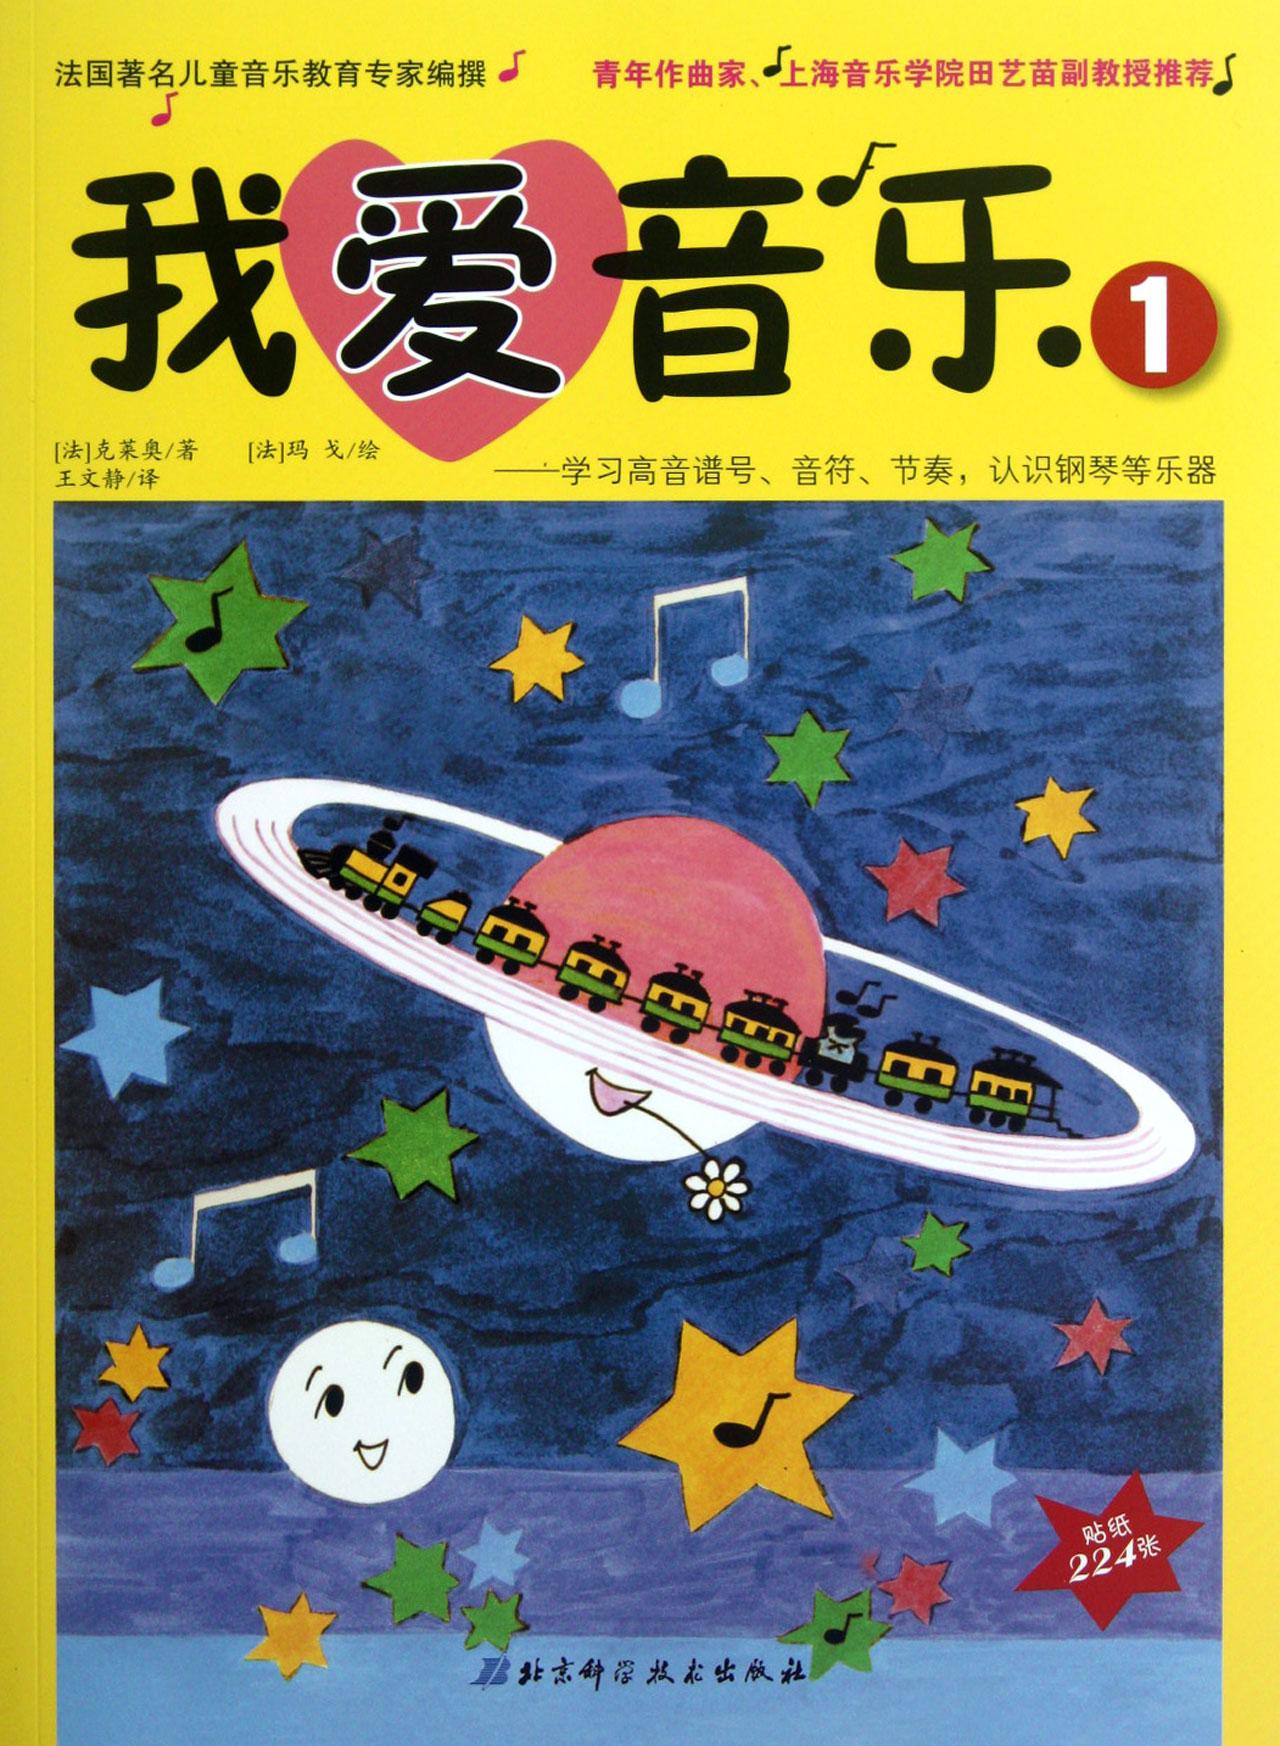 我爱音乐1学习高音谱号音符节奏认识钢琴等乐器